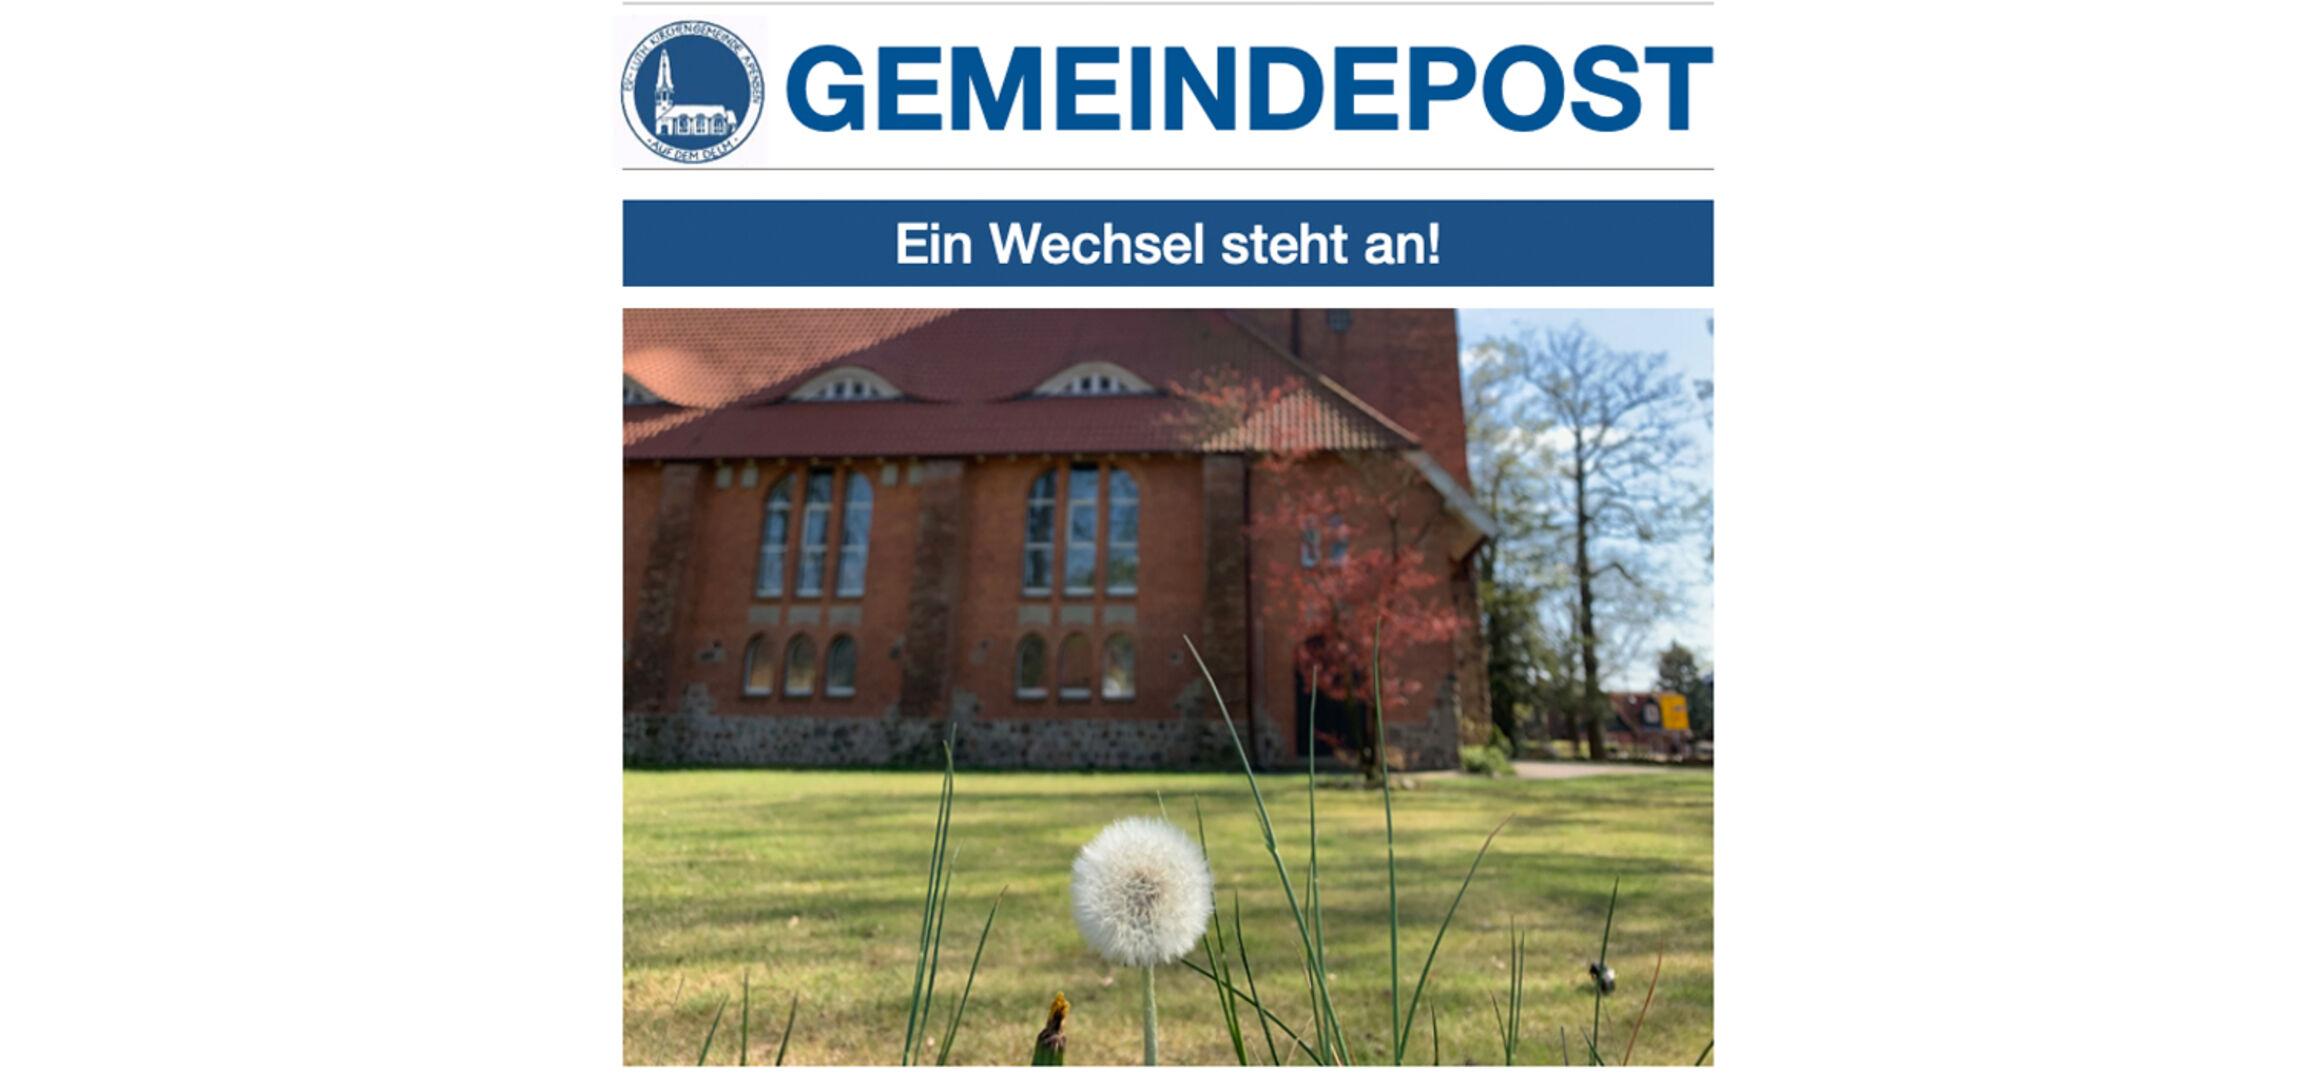 Gemeindepost_3_2020